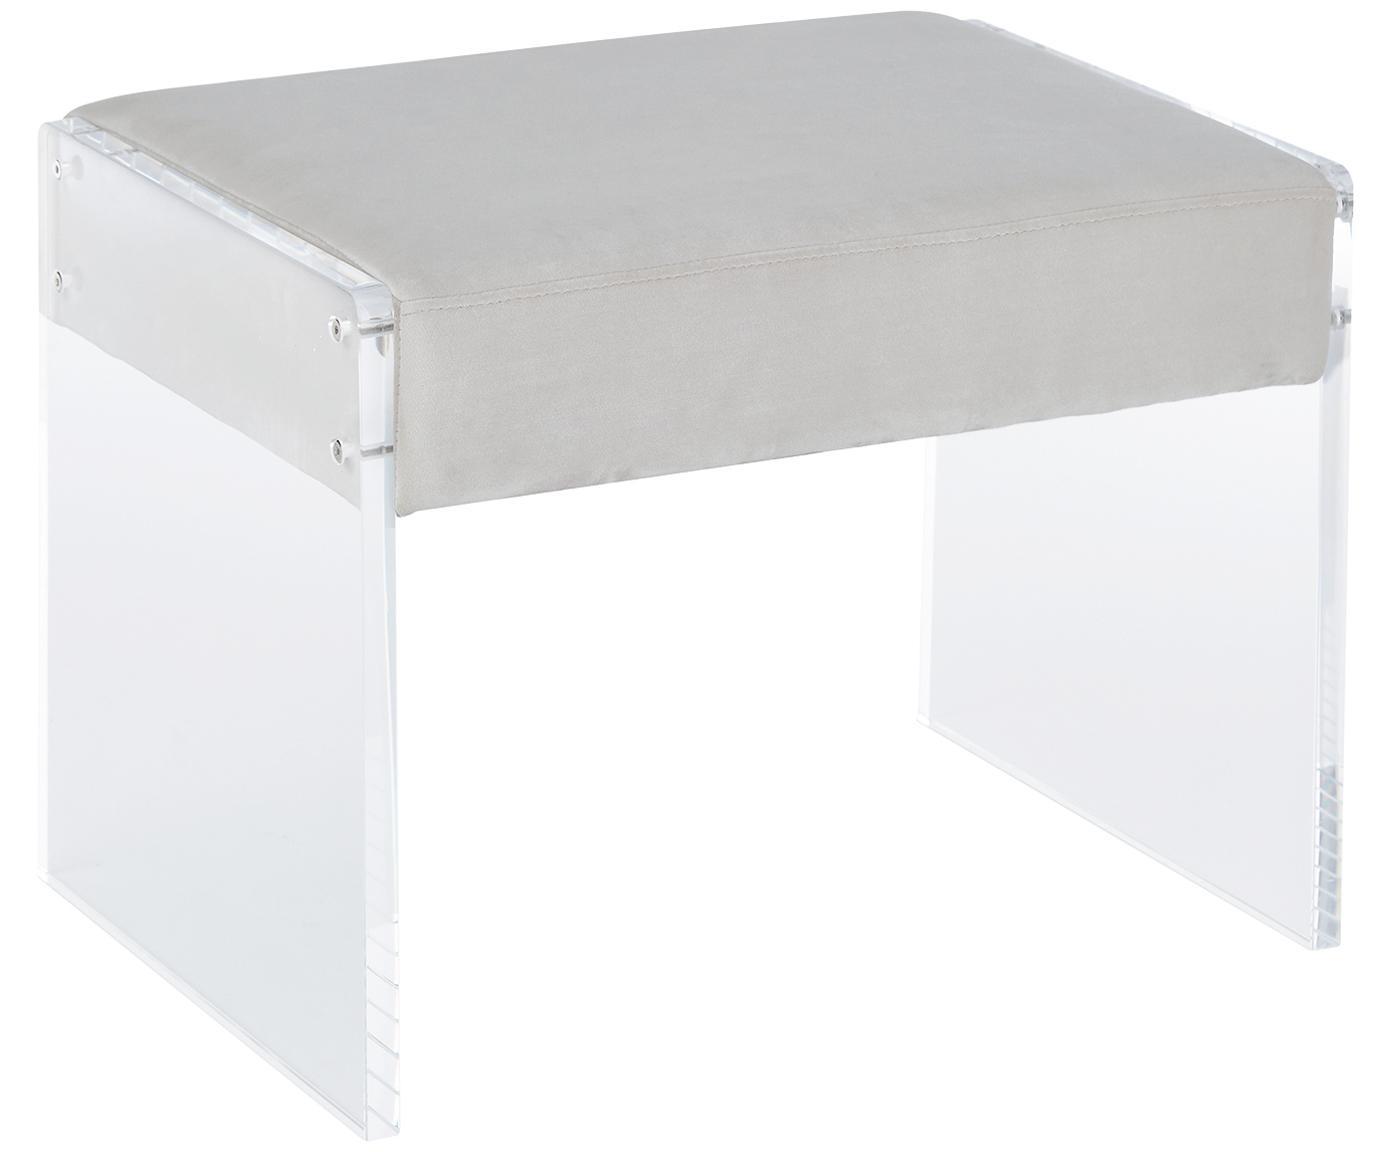 Fluwelen kruk Ayden, Bekleding: fluweel (polyester), Frame: massief populierenhout, m, Poten: acrylglas, Bekleding: lichtgrijs. Frame: transparant, 61 x 45 cm